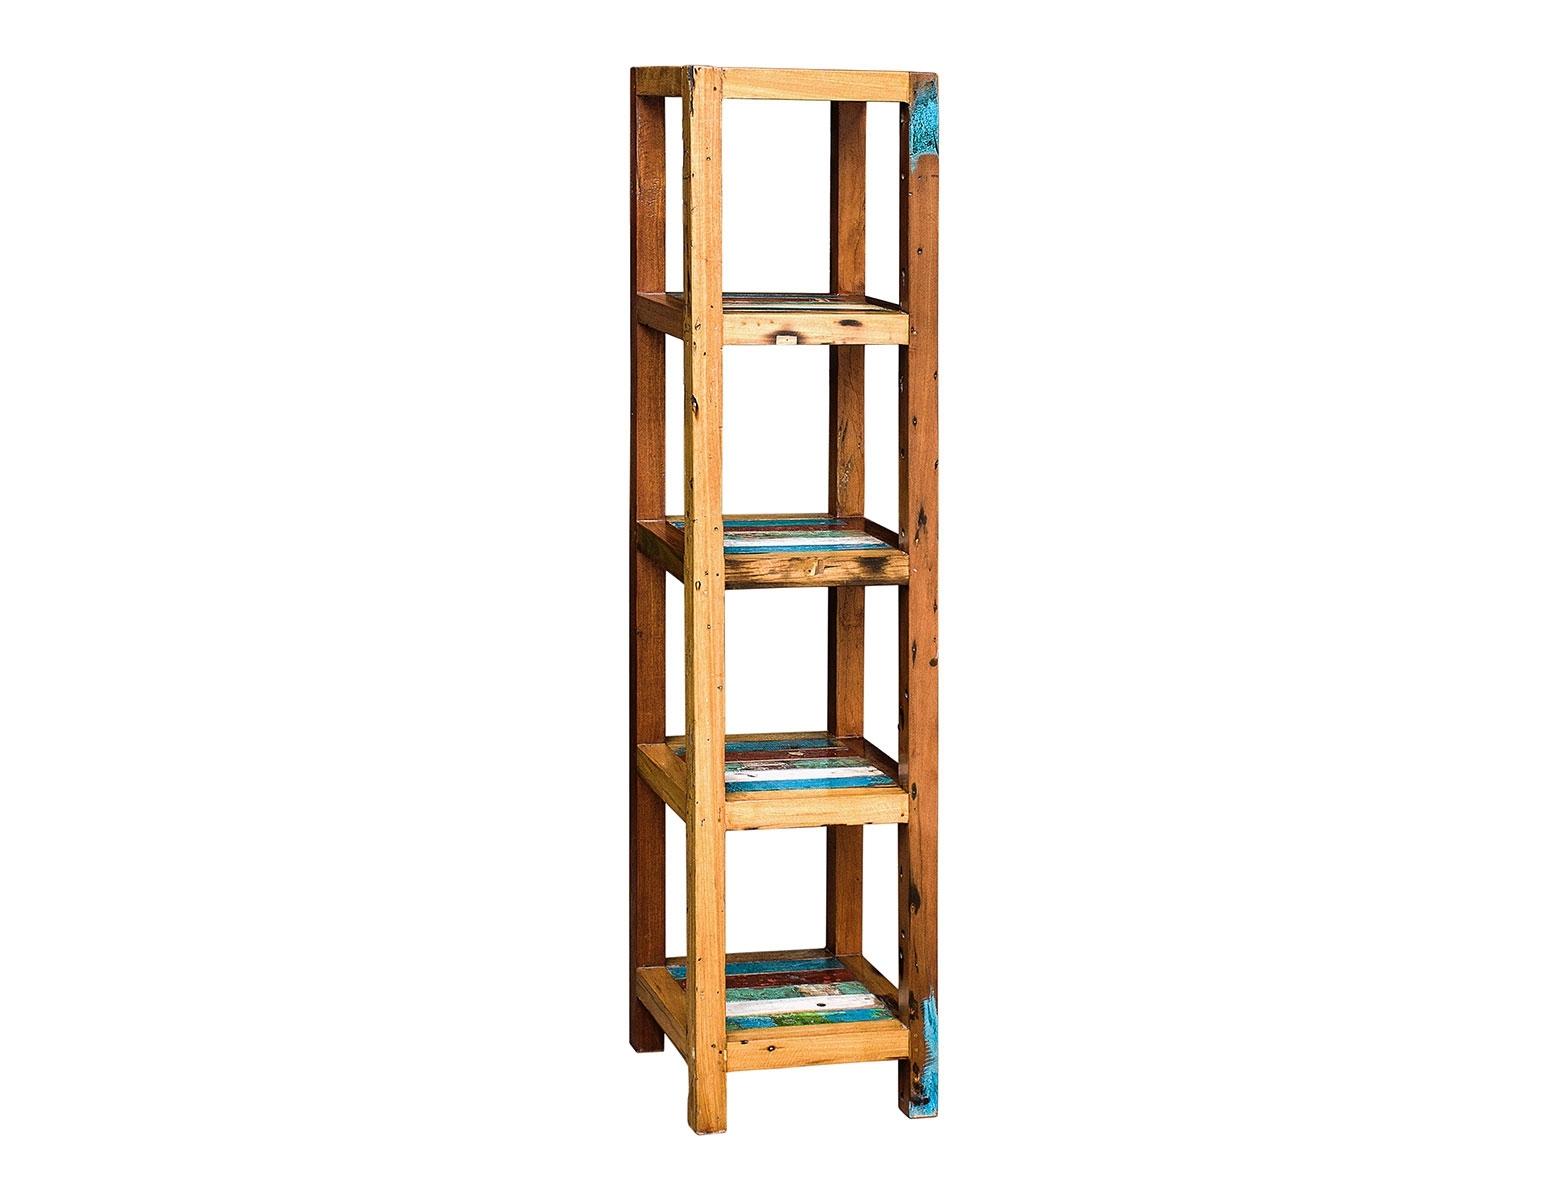 Стеллаж ВавилонСтеллажи и этажерки<br>Напольный стеллаж, выполненный из массива древесины старого рыбацкого судна с сохранением оригинальной многослойной окраски.&amp;amp;nbsp;&amp;lt;span style=&amp;quot;line-height: 1.78571;&amp;quot;&amp;gt;Имеет 5 полок разной вместимости.&amp;amp;nbsp;&amp;lt;/span&amp;gt;&amp;lt;span style=&amp;quot;line-height: 1.78571;&amp;quot;&amp;gt;Подходит для использования как внутри помещения, так и снаружи.&amp;lt;/span&amp;gt;&amp;lt;div&amp;gt;&amp;lt;br&amp;gt;&amp;lt;/div&amp;gt;<br><br>Material: Тик<br>Width см: 40<br>Depth см: 40<br>Height см: 175